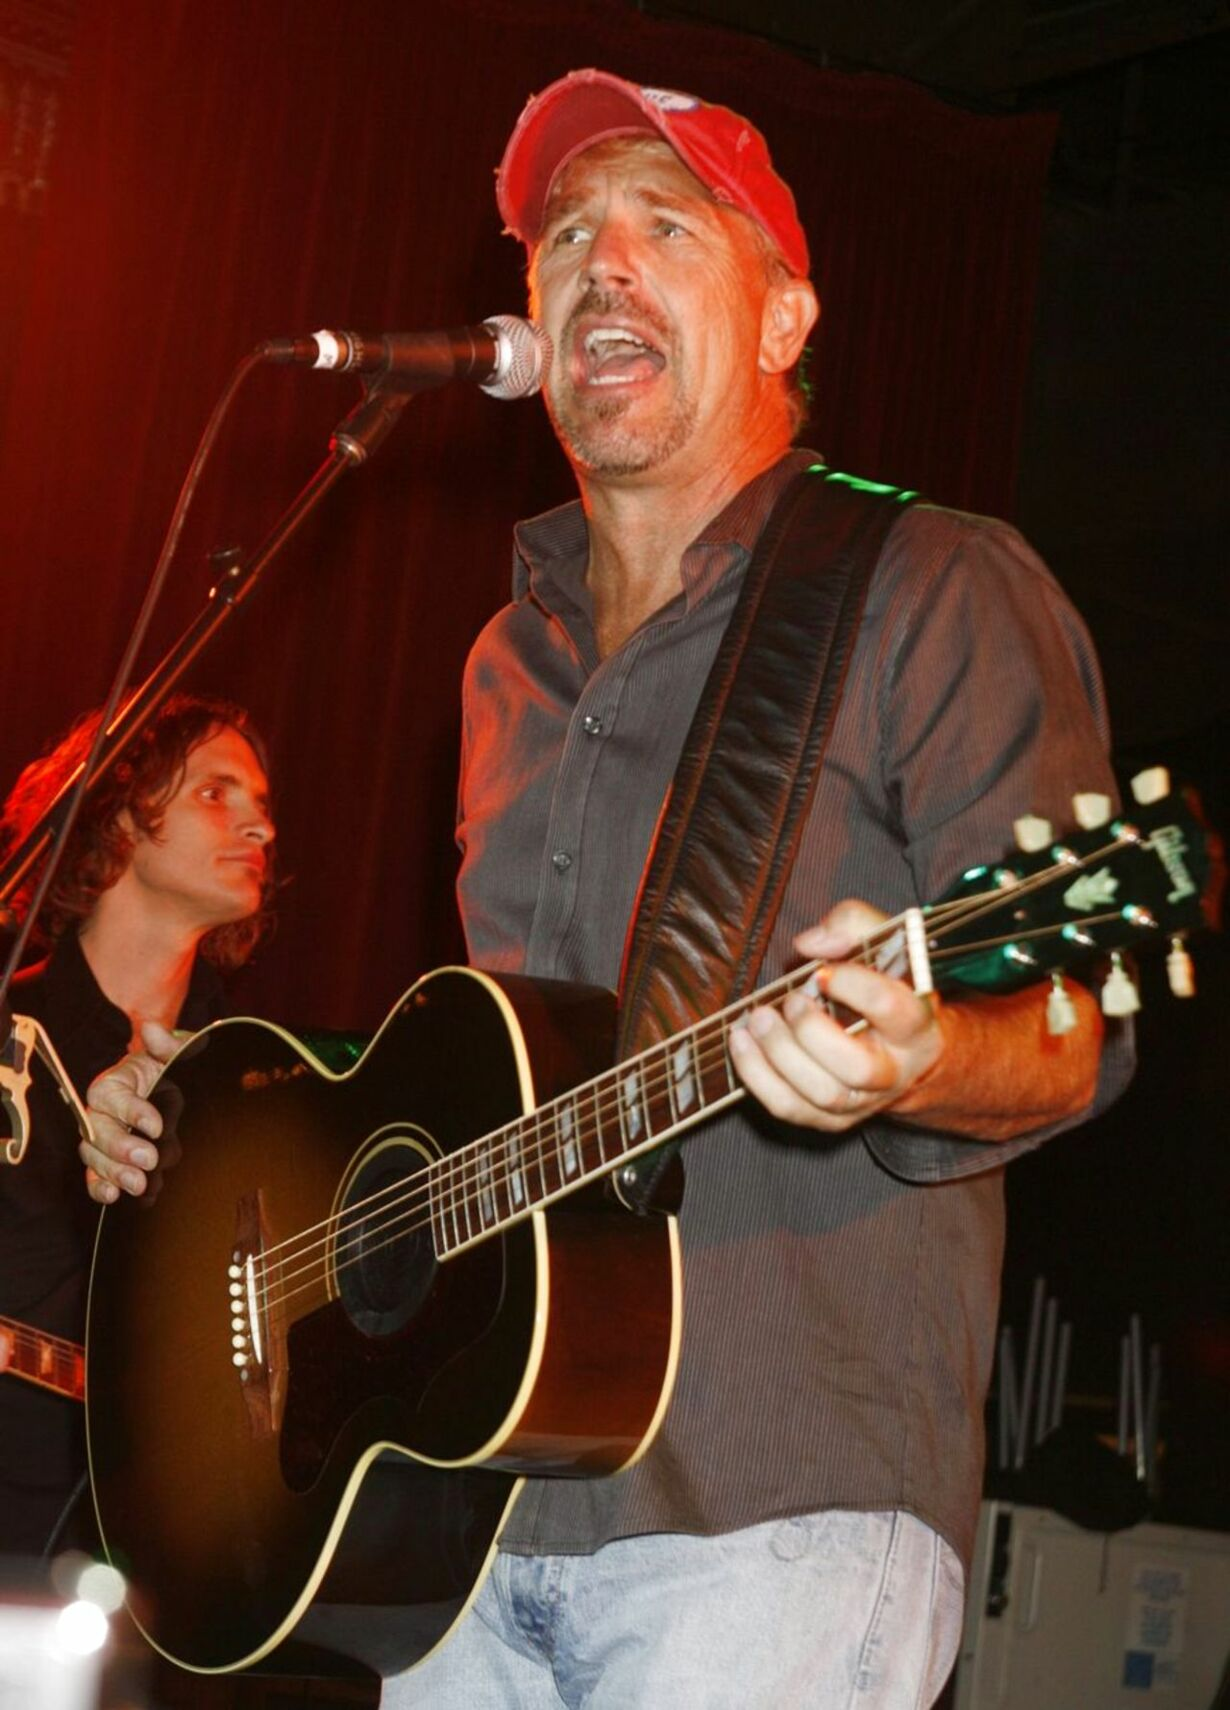 2008. USA/